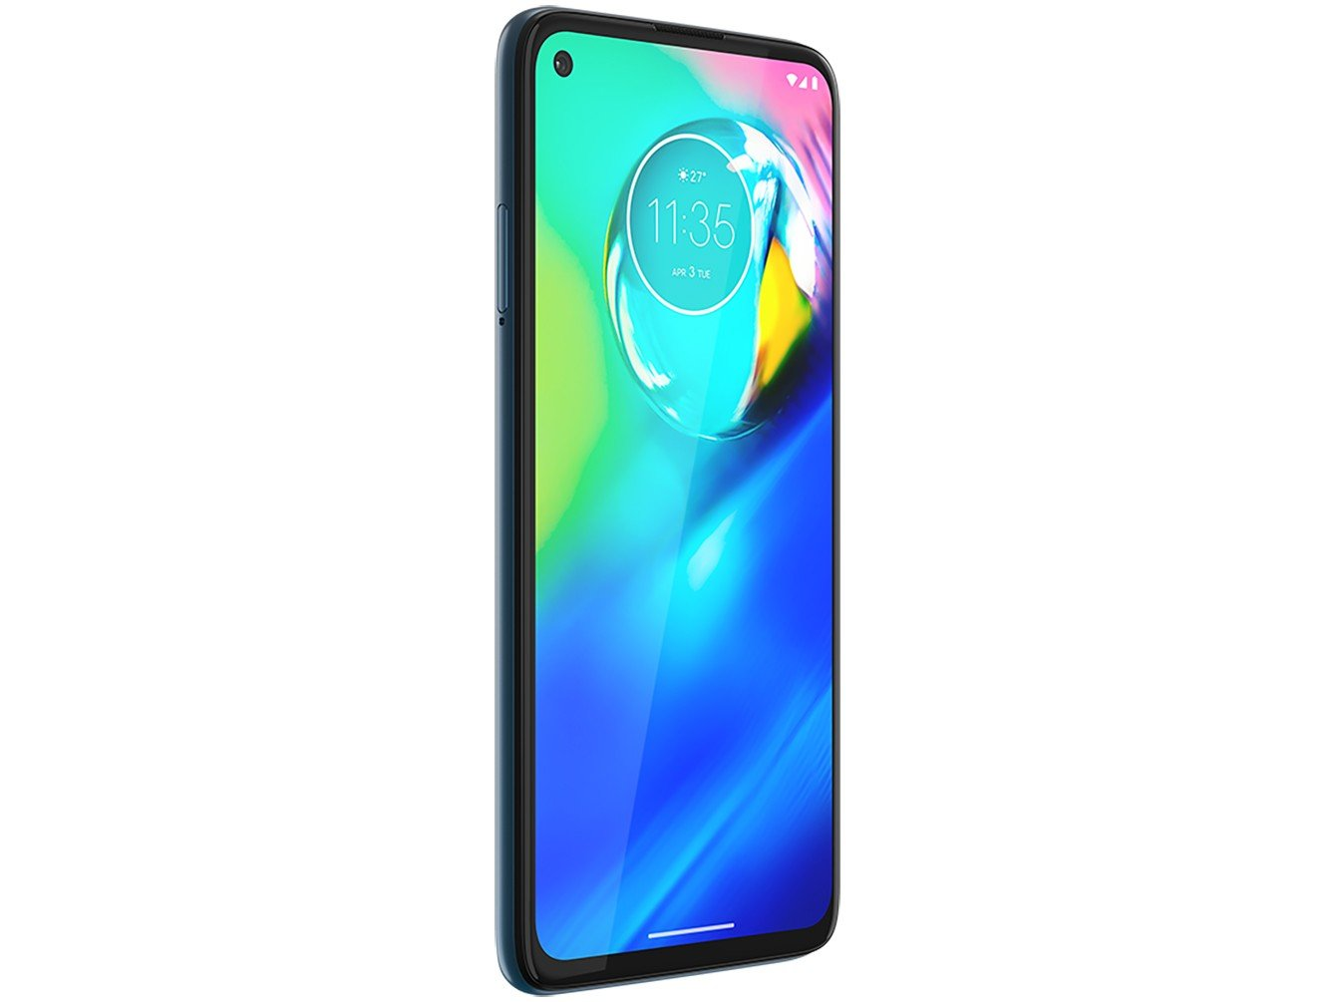 """Smartphone Motorola Moto G8 Power Azul Atlântico 64GB, Tela de 6.4"""" FHD+, Câmera Traseira Quádrupla, Android 10 e Processador Qualcomm Octa-Core - 16"""